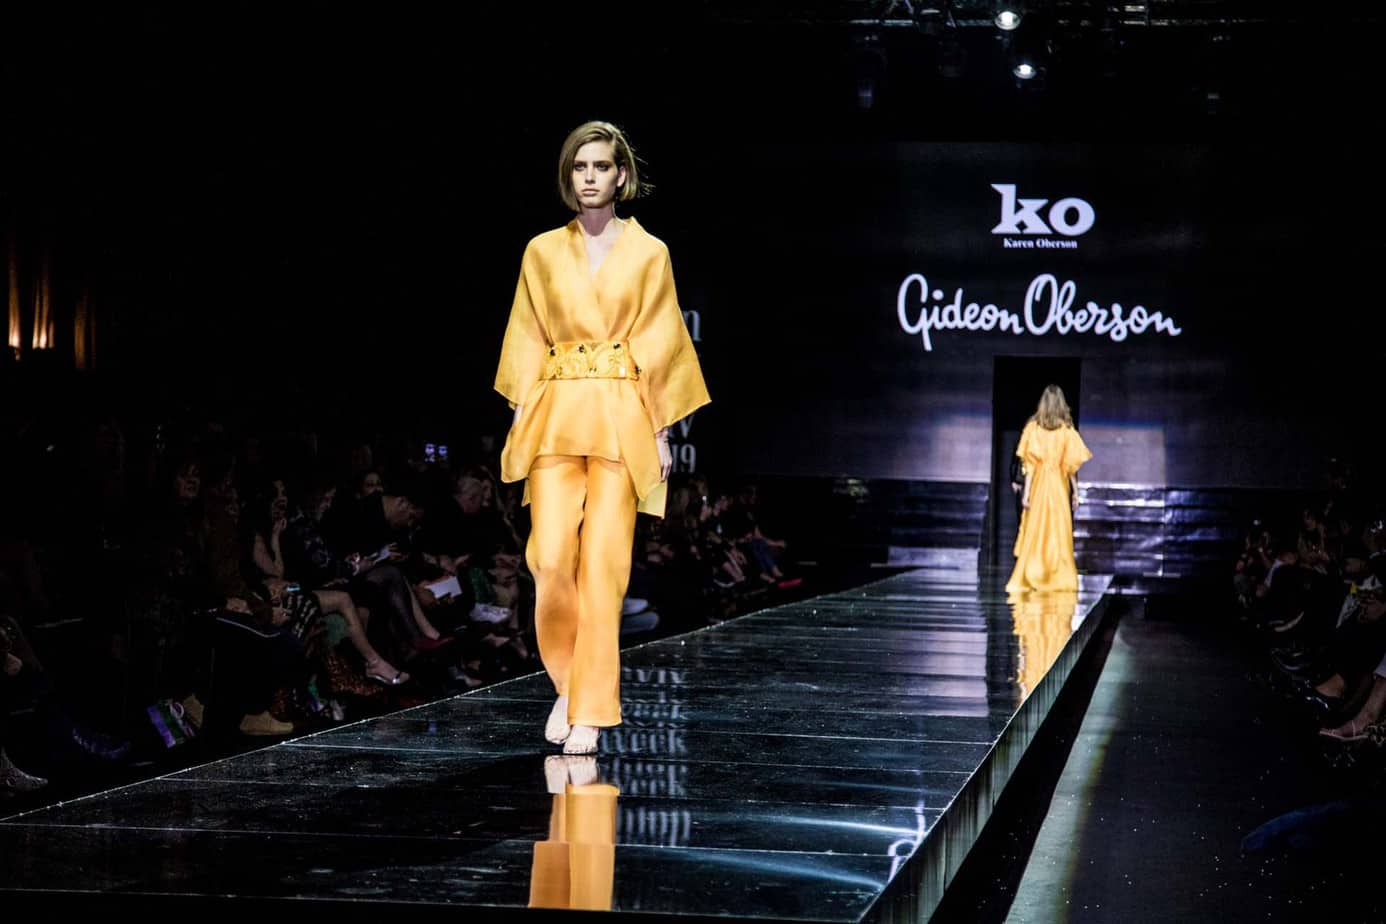 גדעון אוברזון, שבוע האופנה תל אביב 2019, צילום אלכס פרגמנט - 6